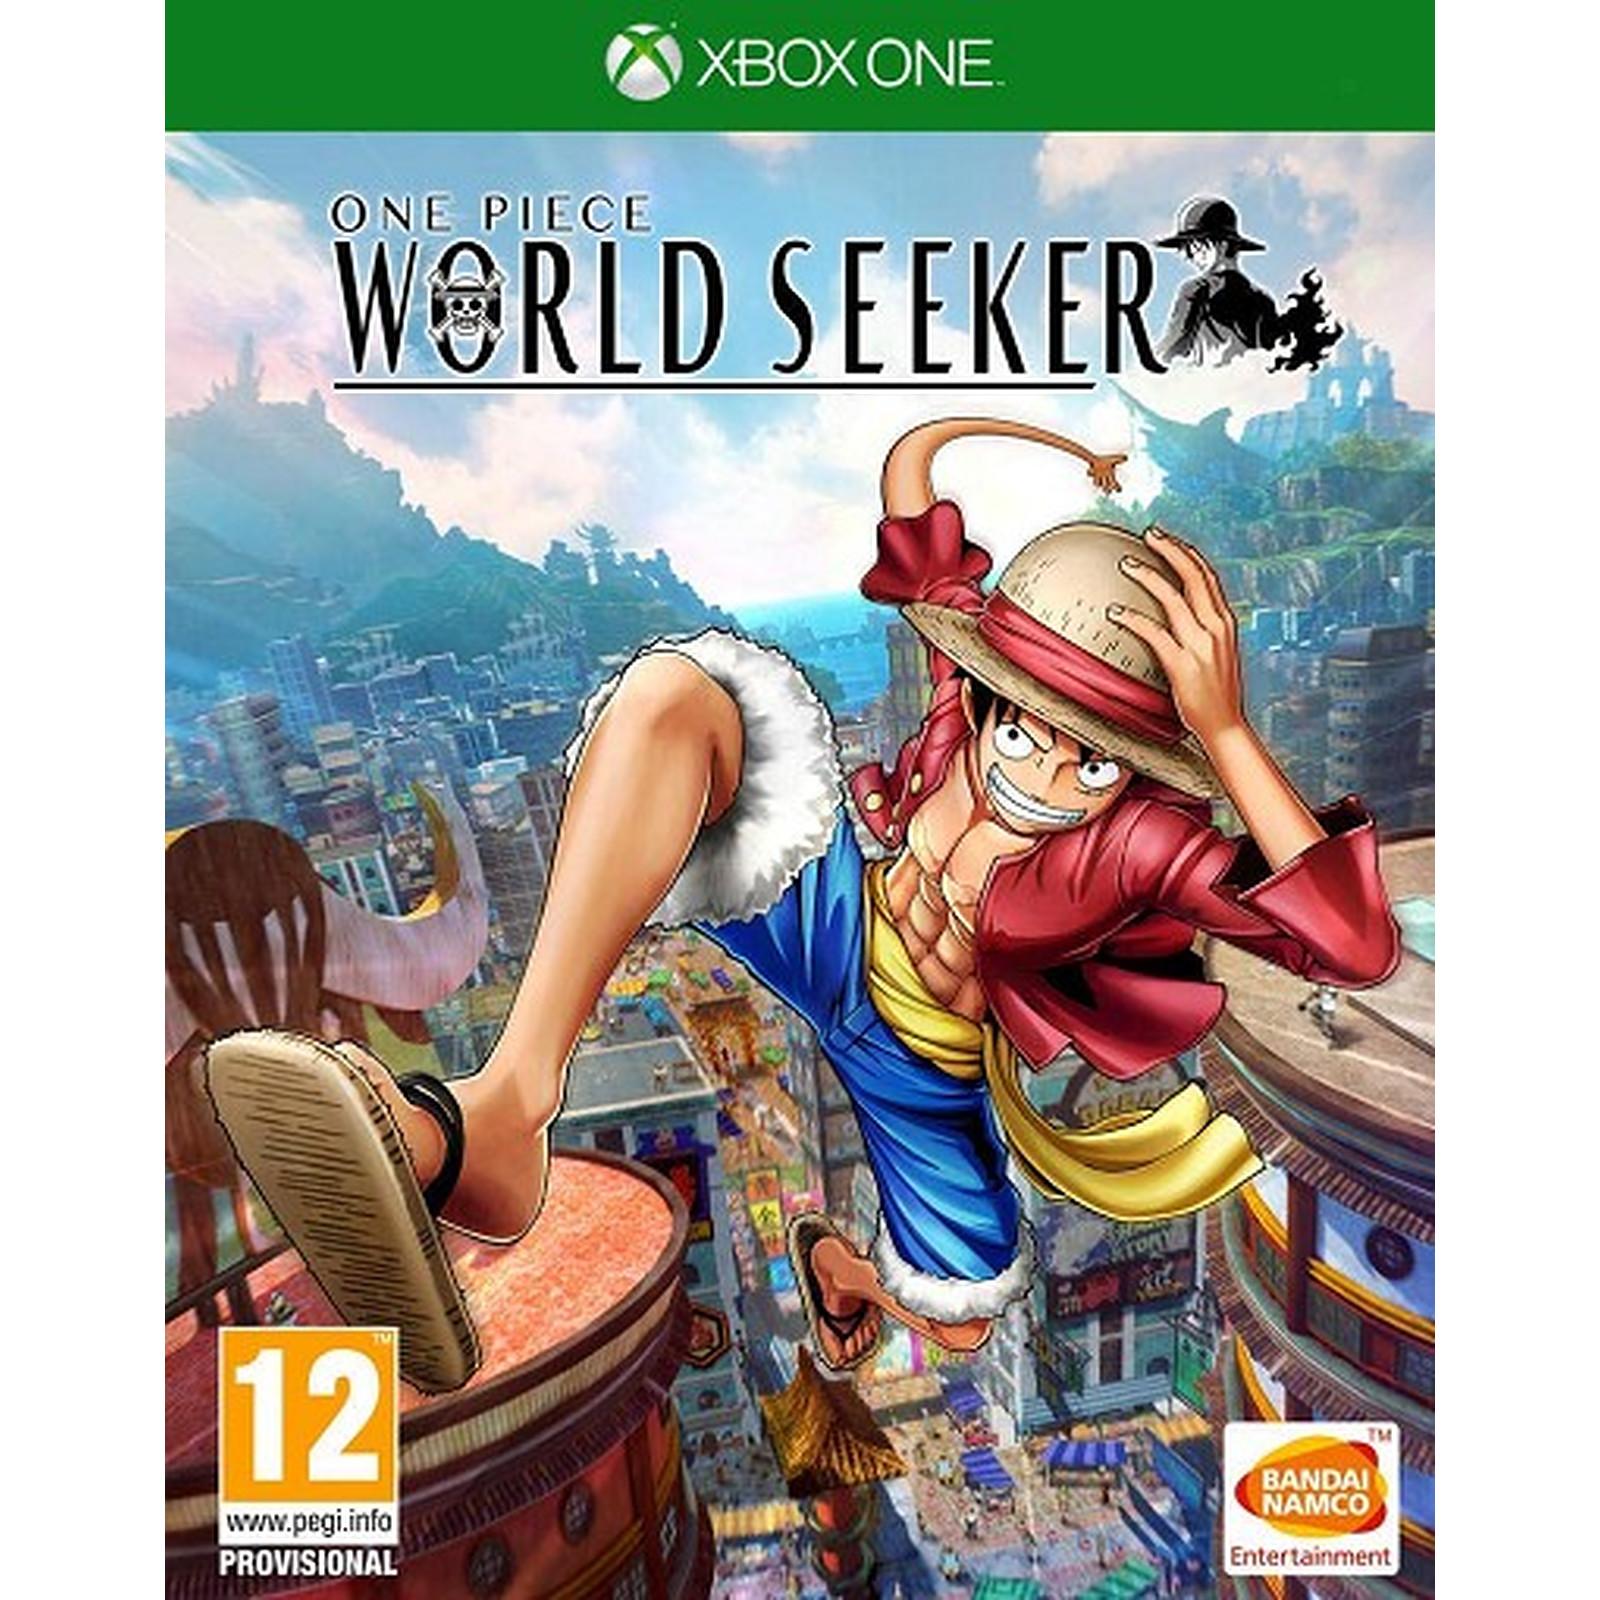 One Piece World Seeker (XBOX ONE)